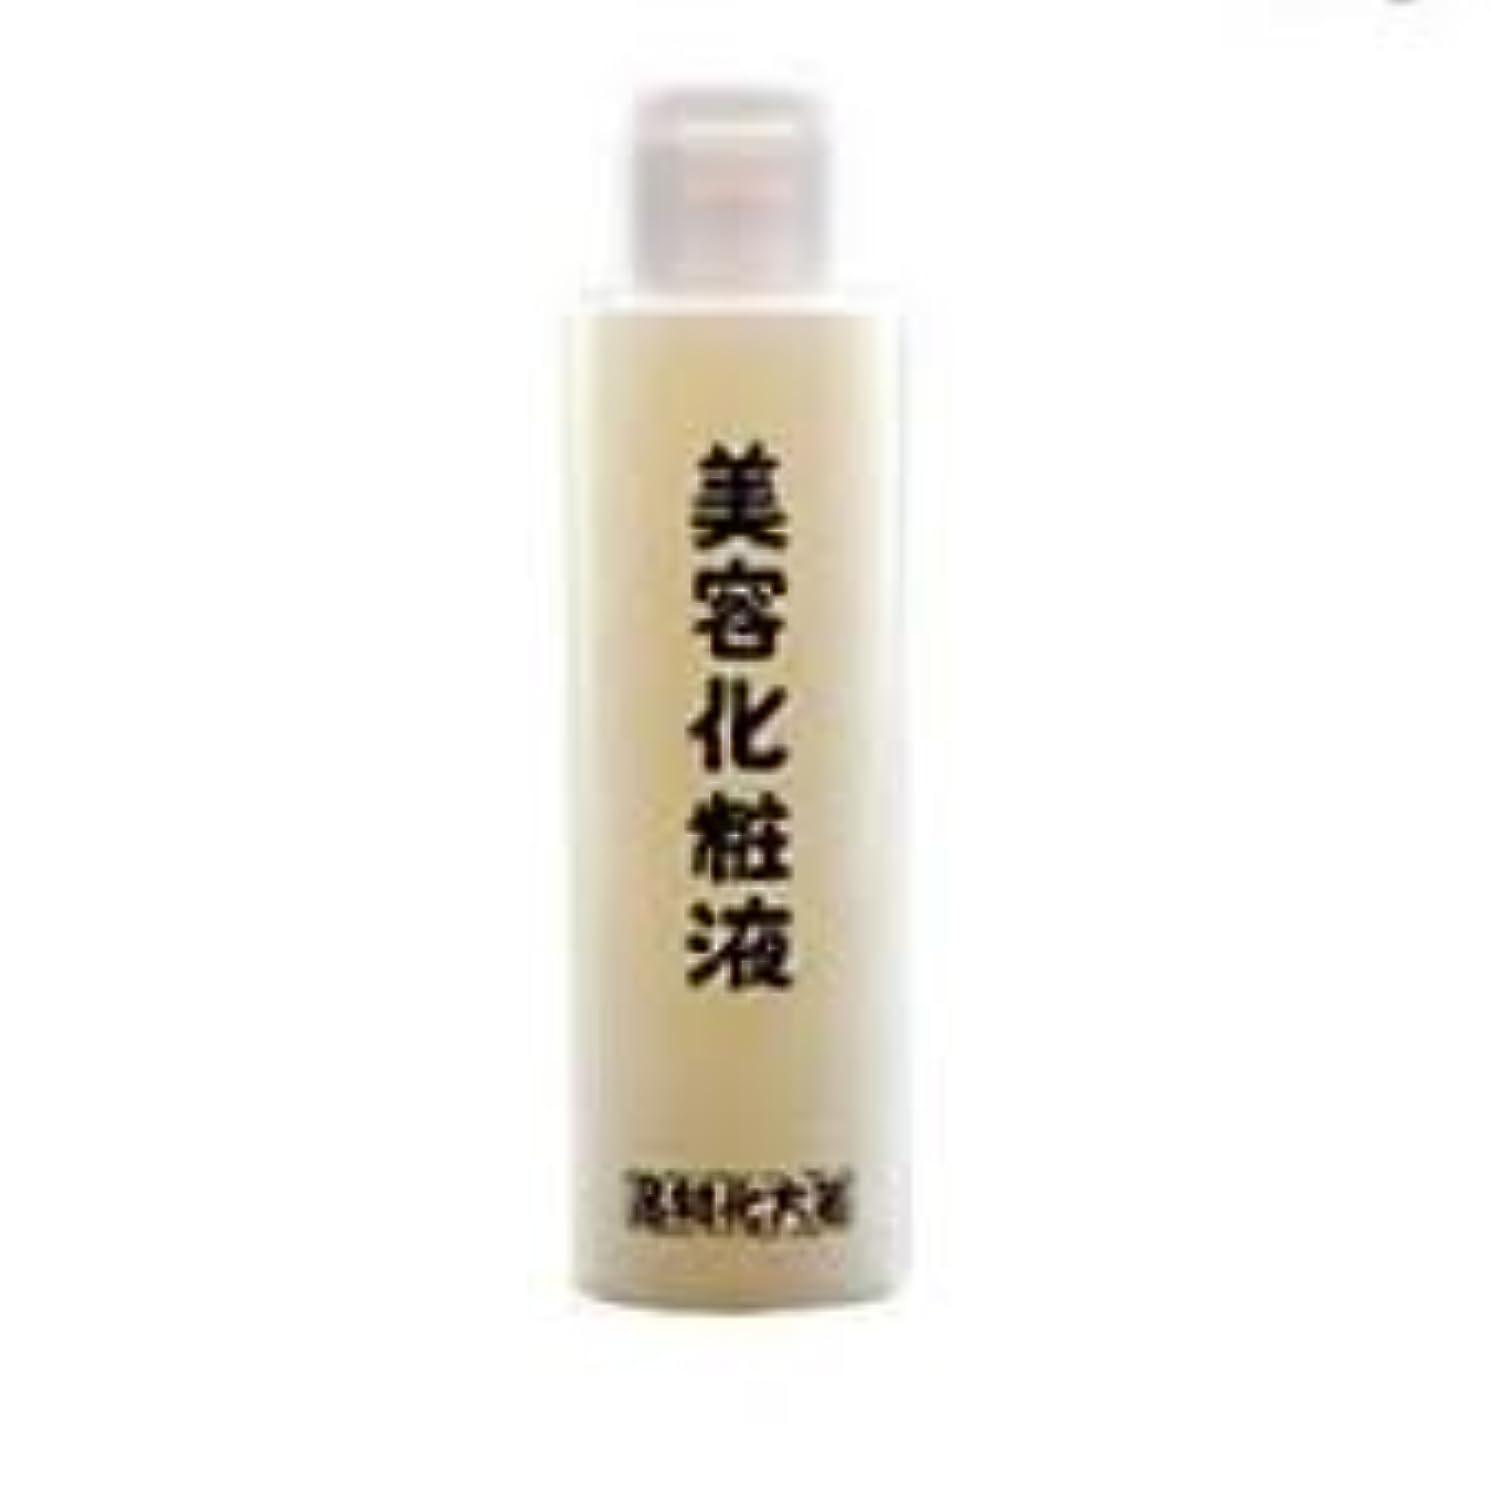 後退するデンマーク語ブレイズ箸方化粧品 美容化粧液 化粧水 120ml はしかた化粧品